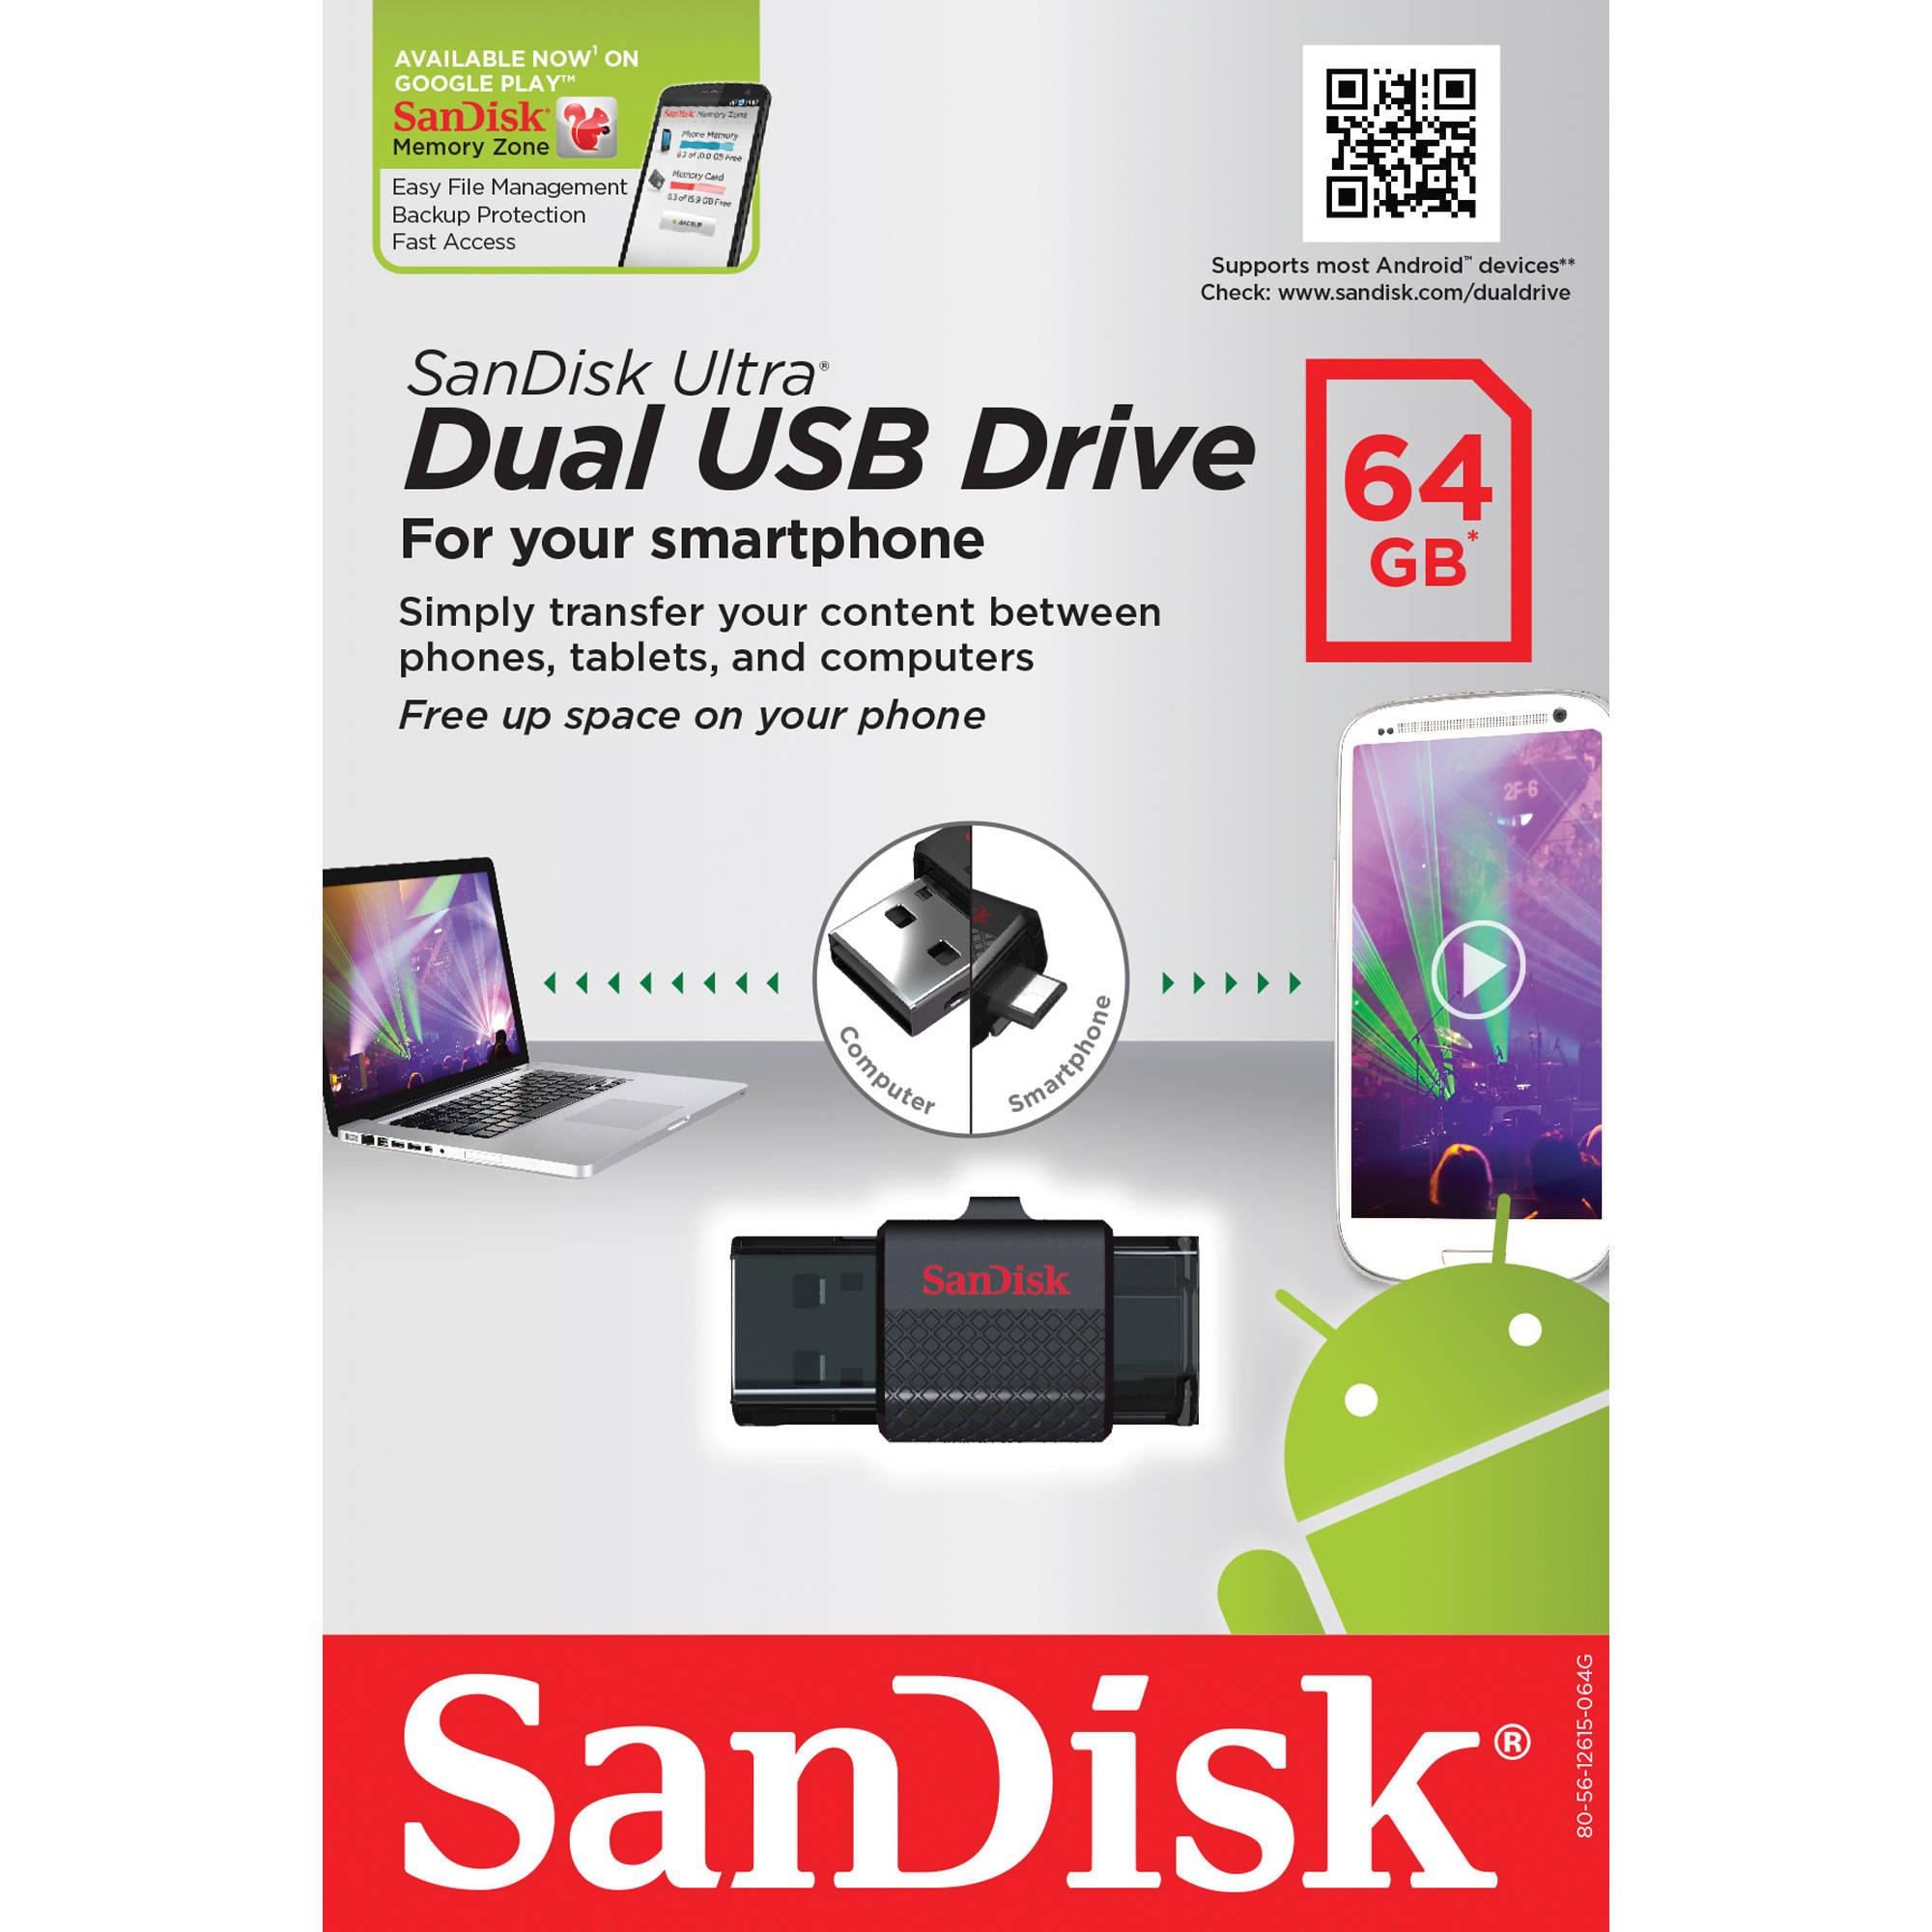 SanDisk 64GB Ultra Dual USB Drive